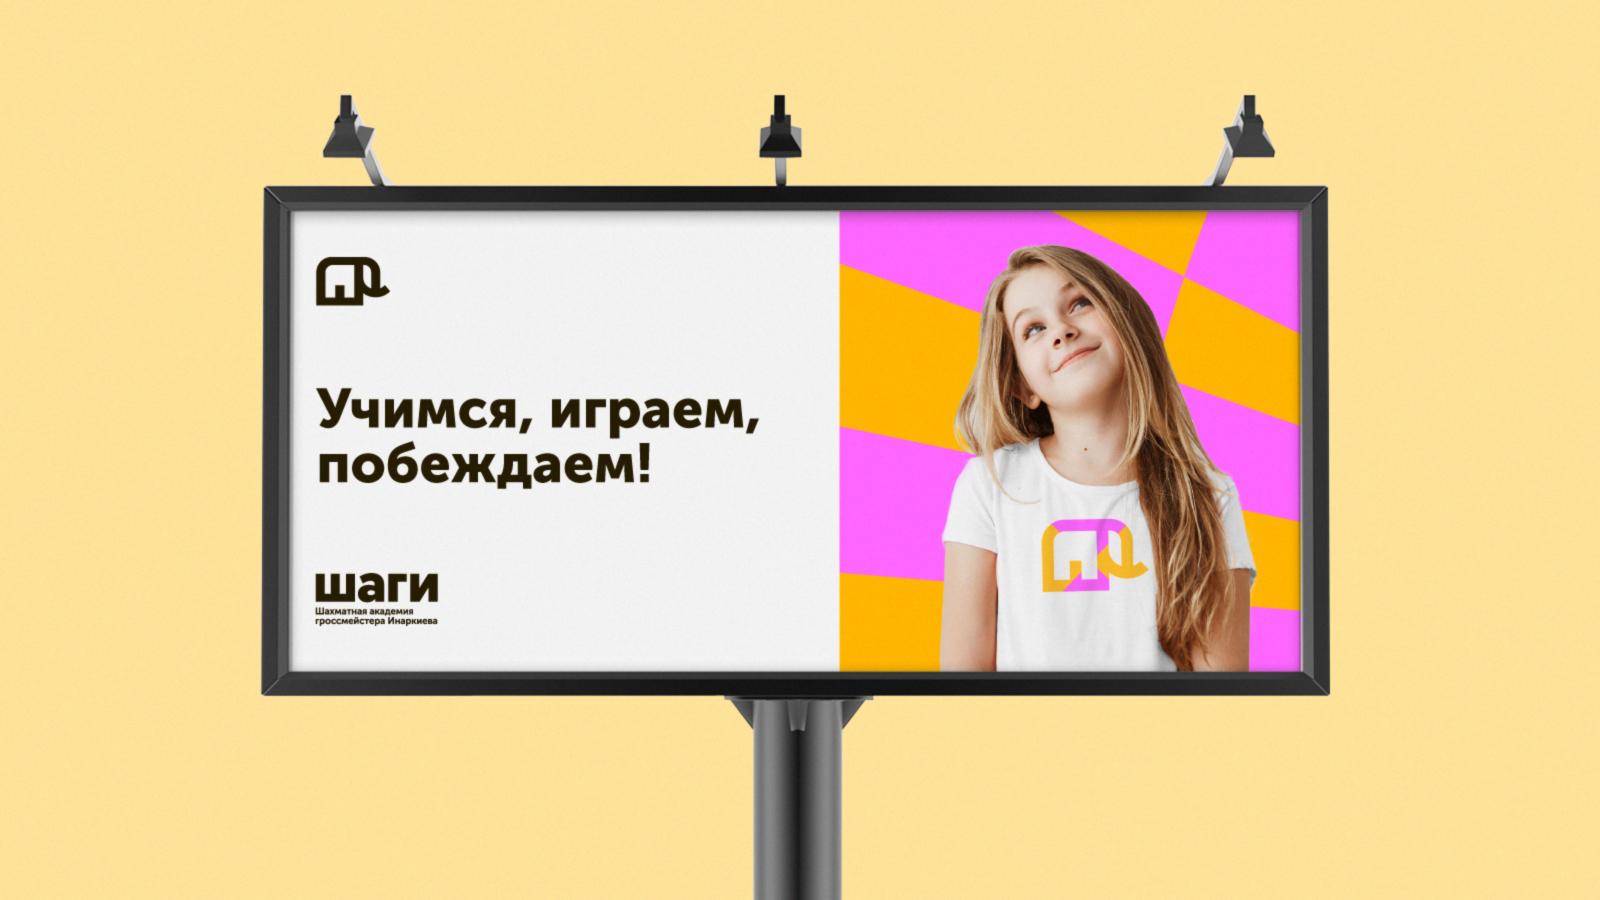 Такой фирменный стиль великолепно работает также и в дизайне рекламы.